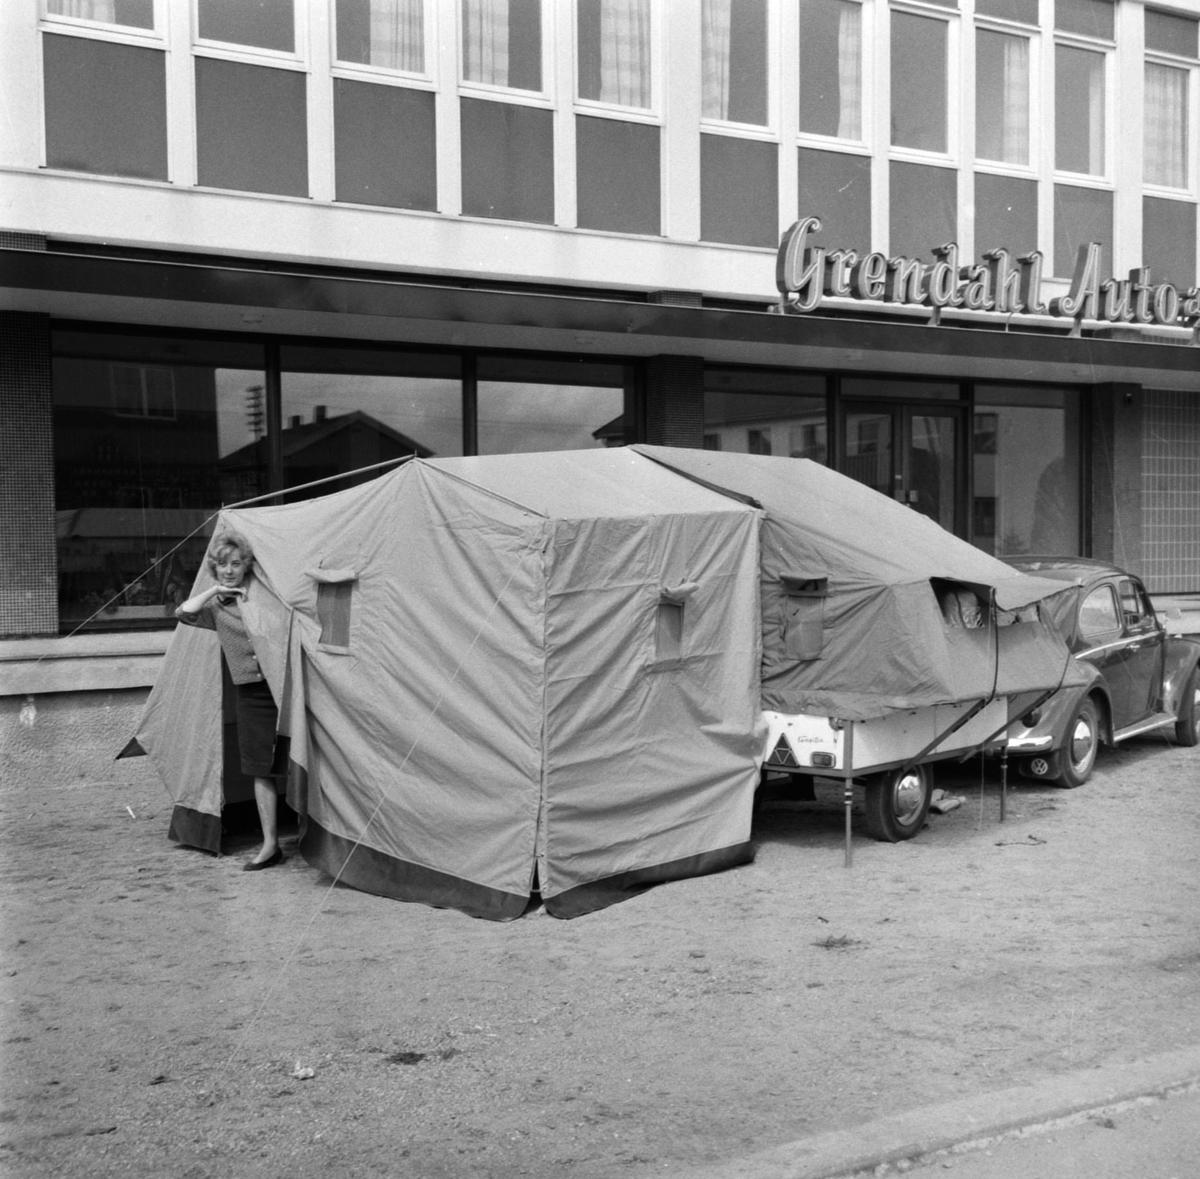 Campingtilhenger ved Grendahl Auto